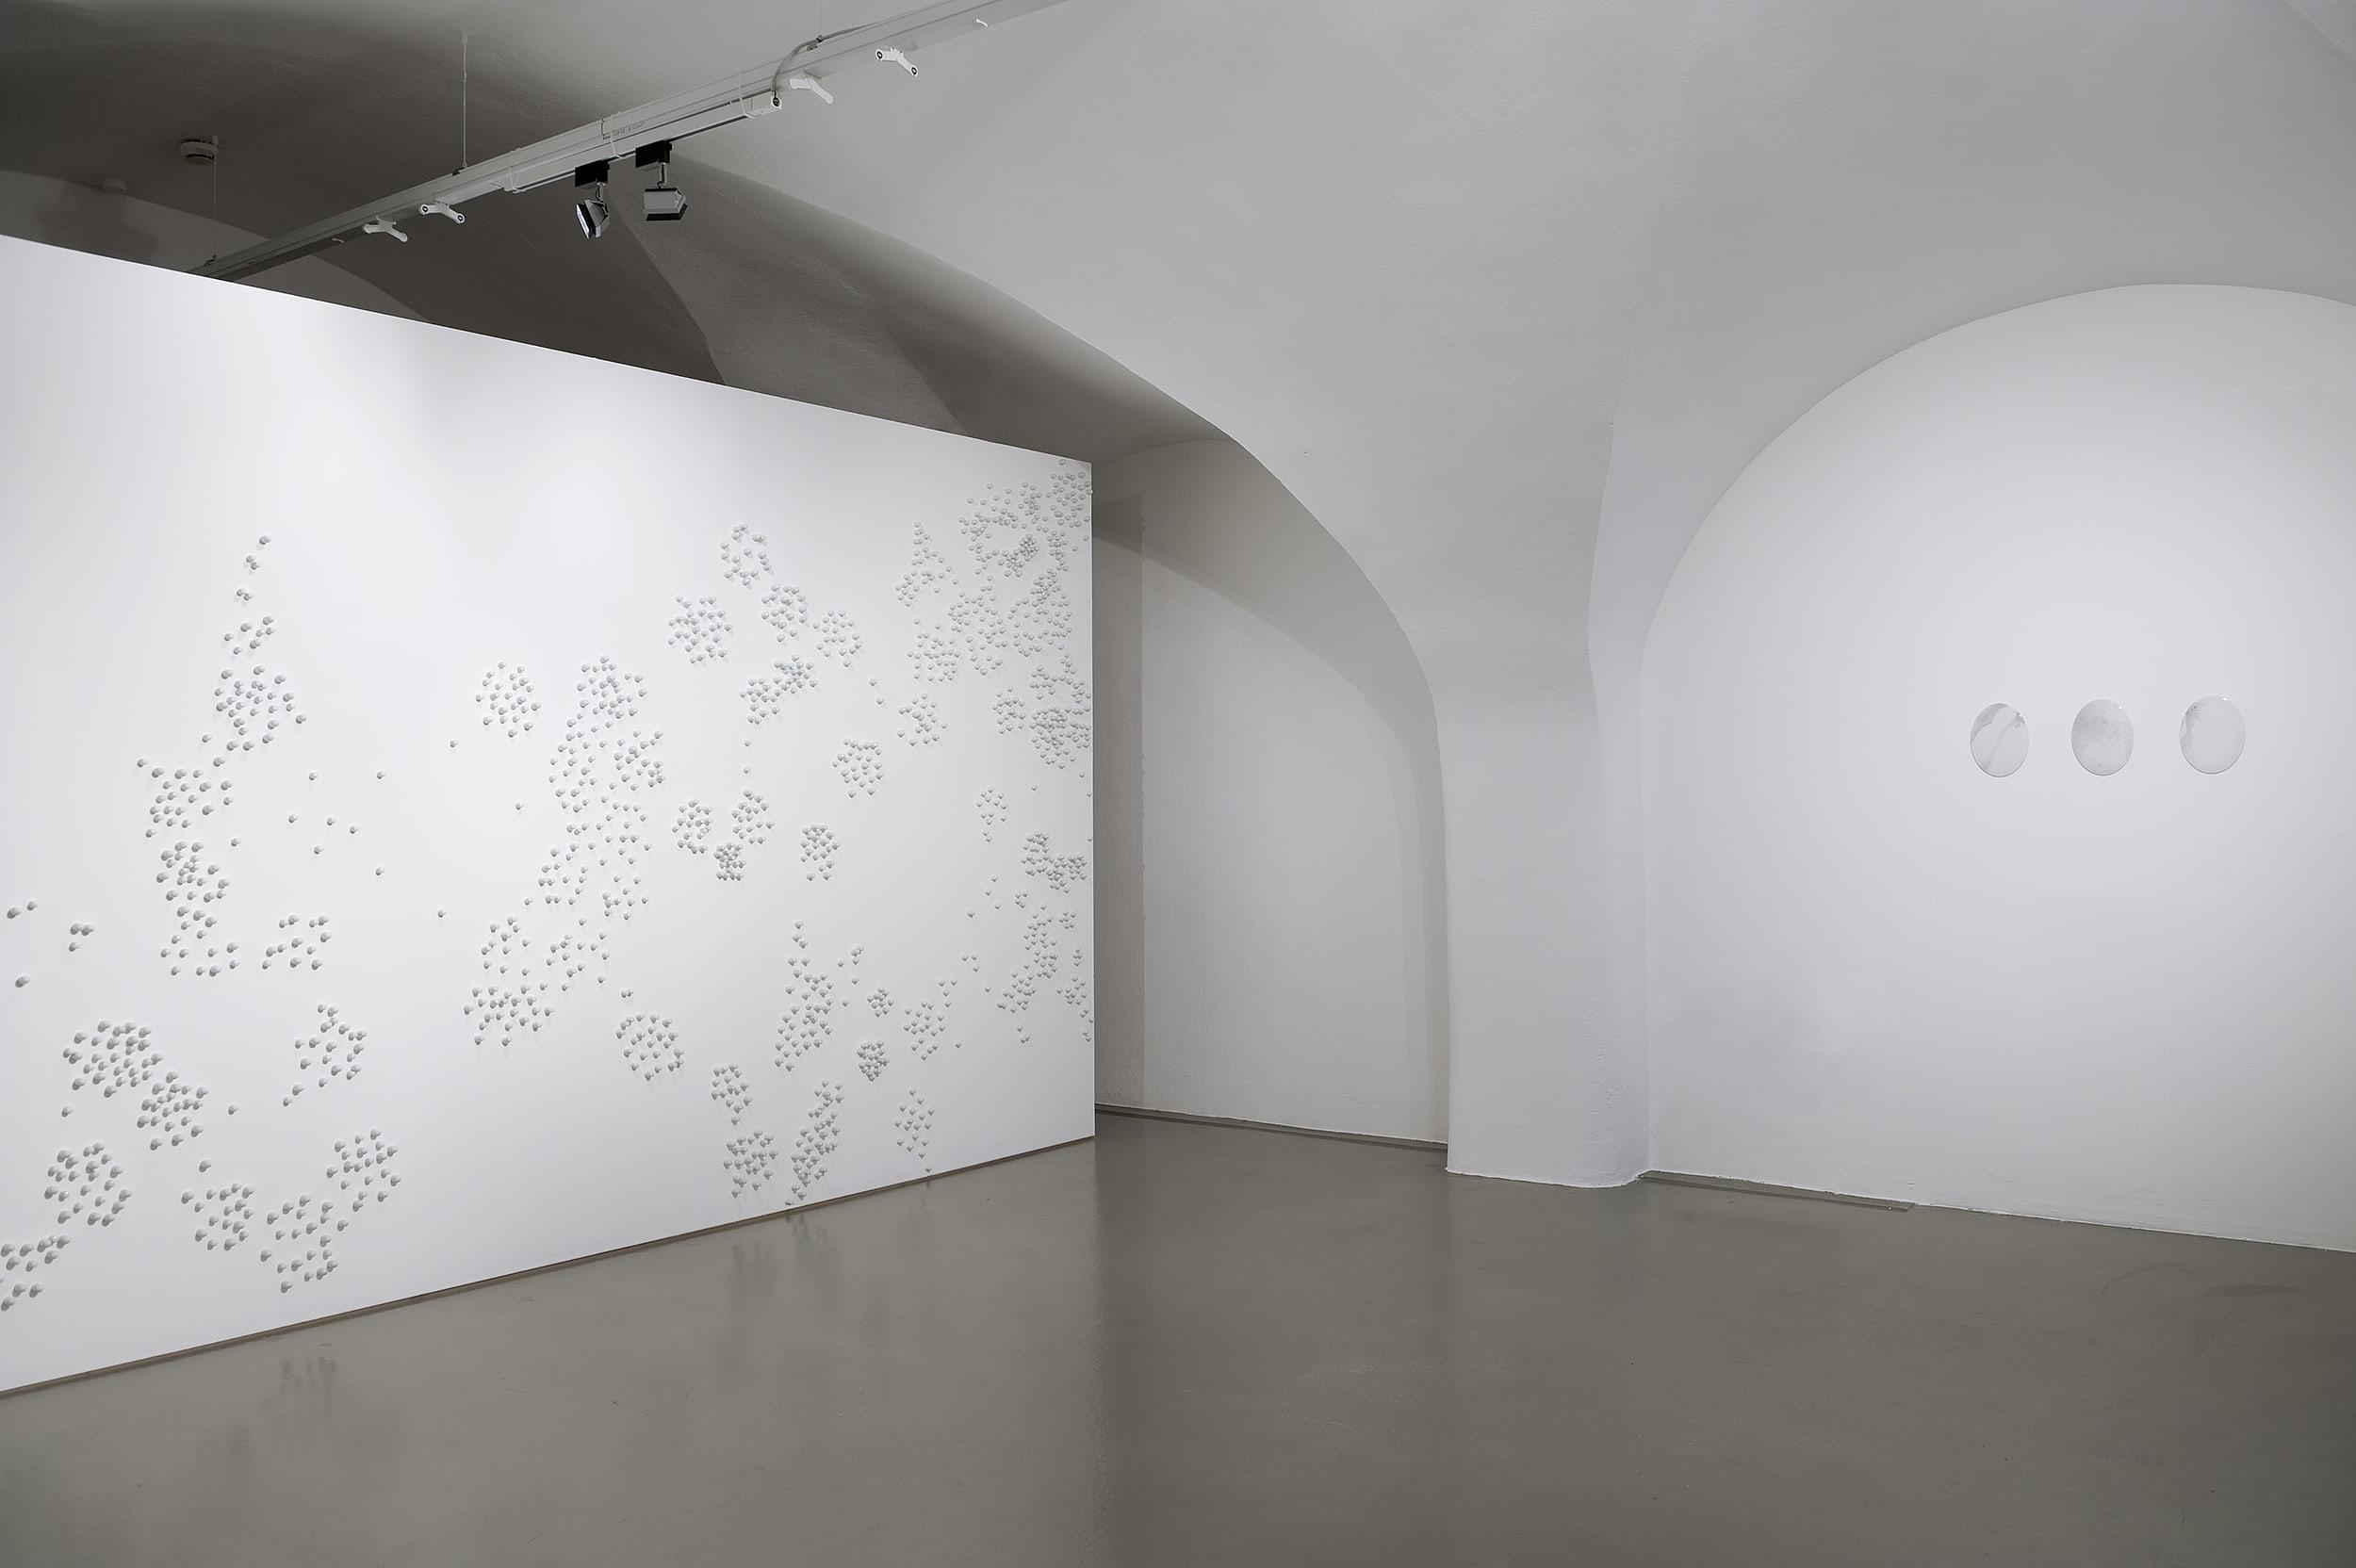 Katharina-Stiglitz-Souvenir-1-15